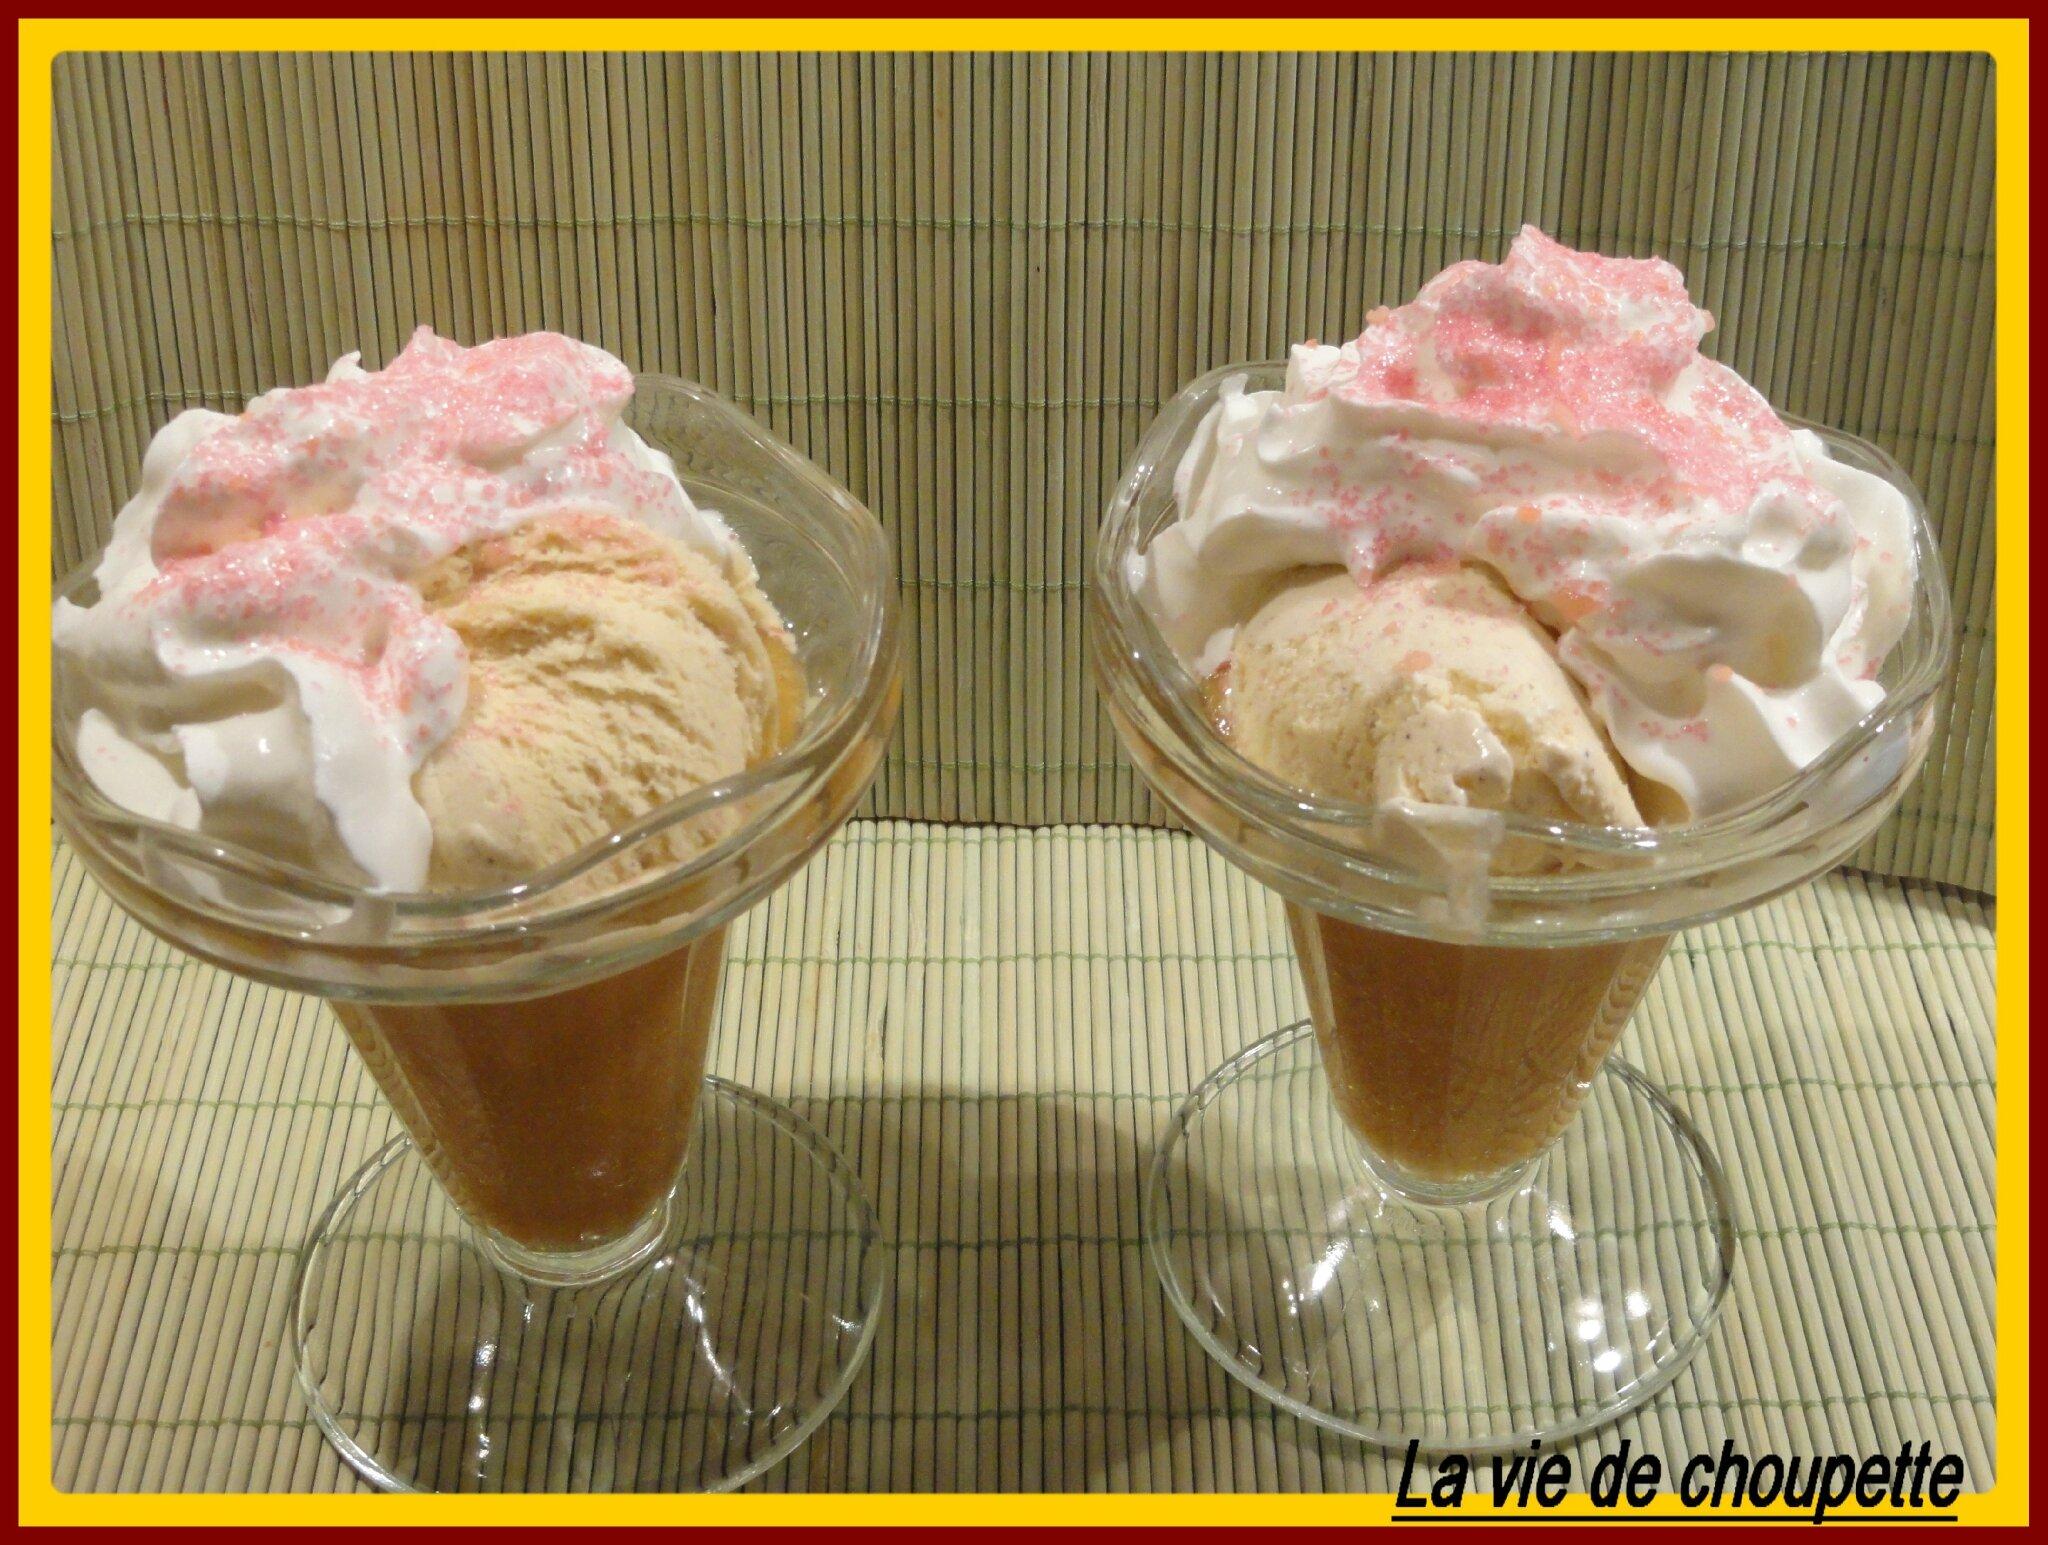 Coupe compote de mirabelle glace vanille et chantilly maison quand choupette et papoune cuisinent - Faire de la chantilly maison ...